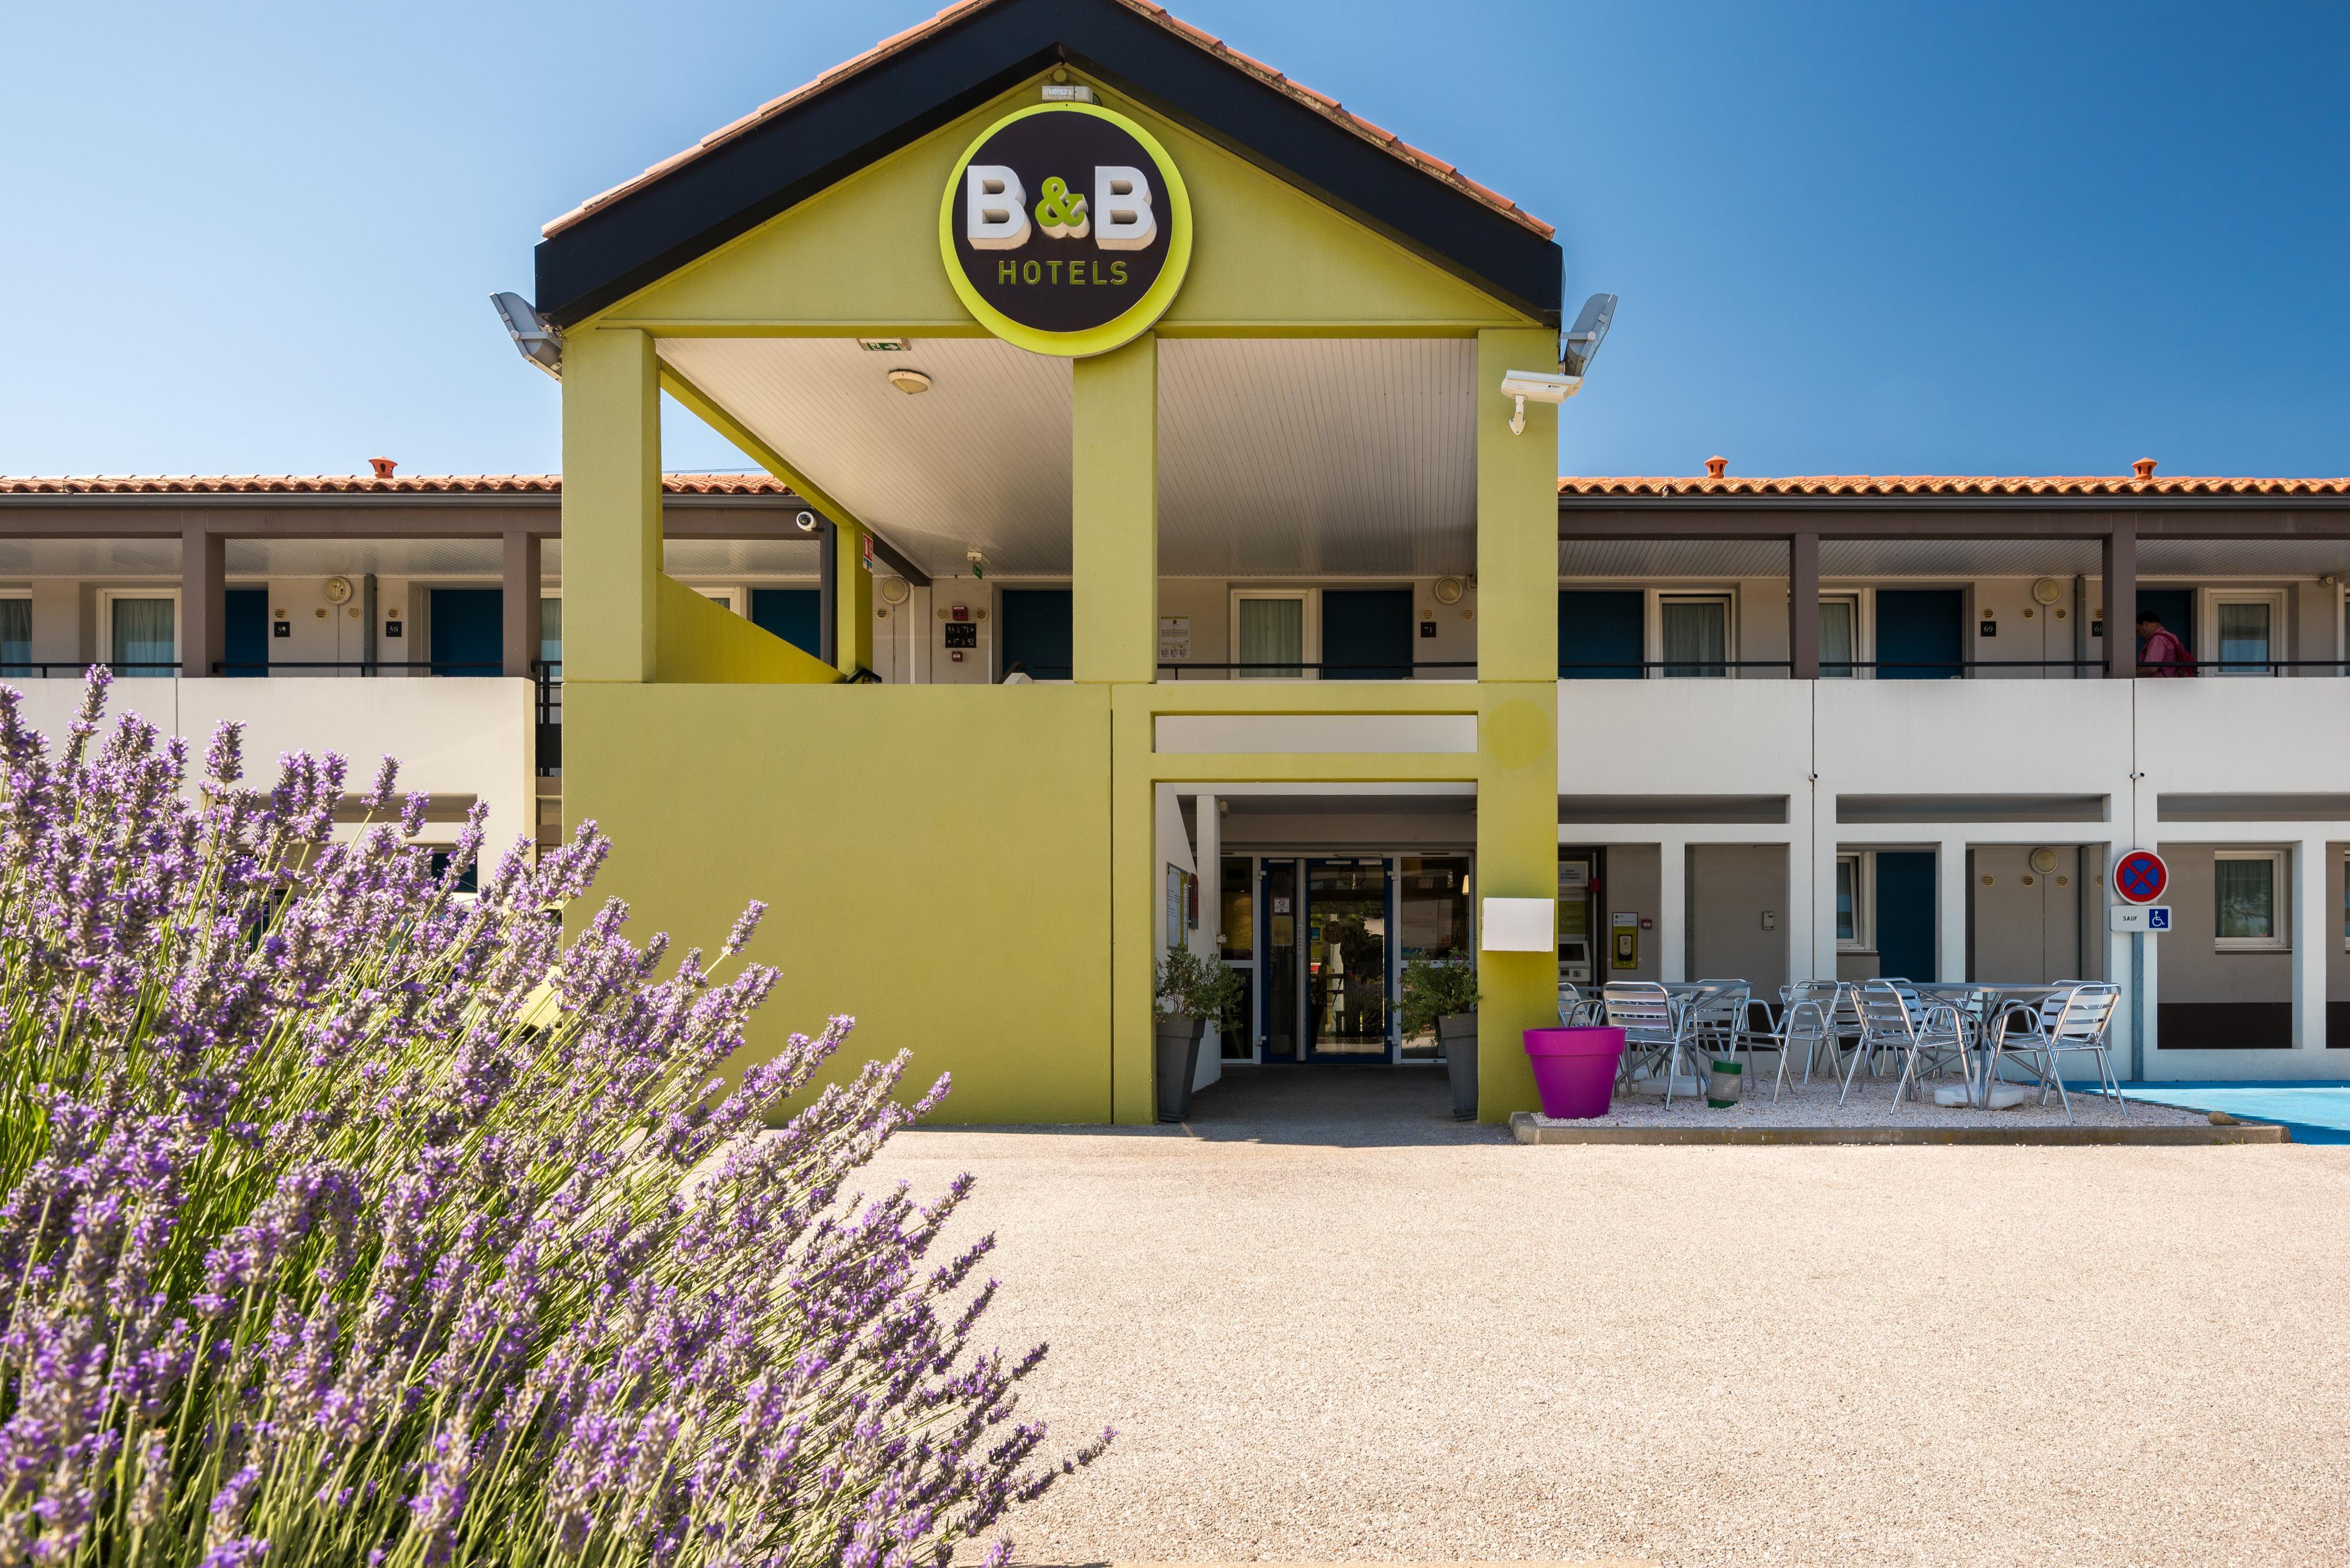 B&B Hôtel Perpignan Sud Porte d'Espagne, Perpignan Hotels